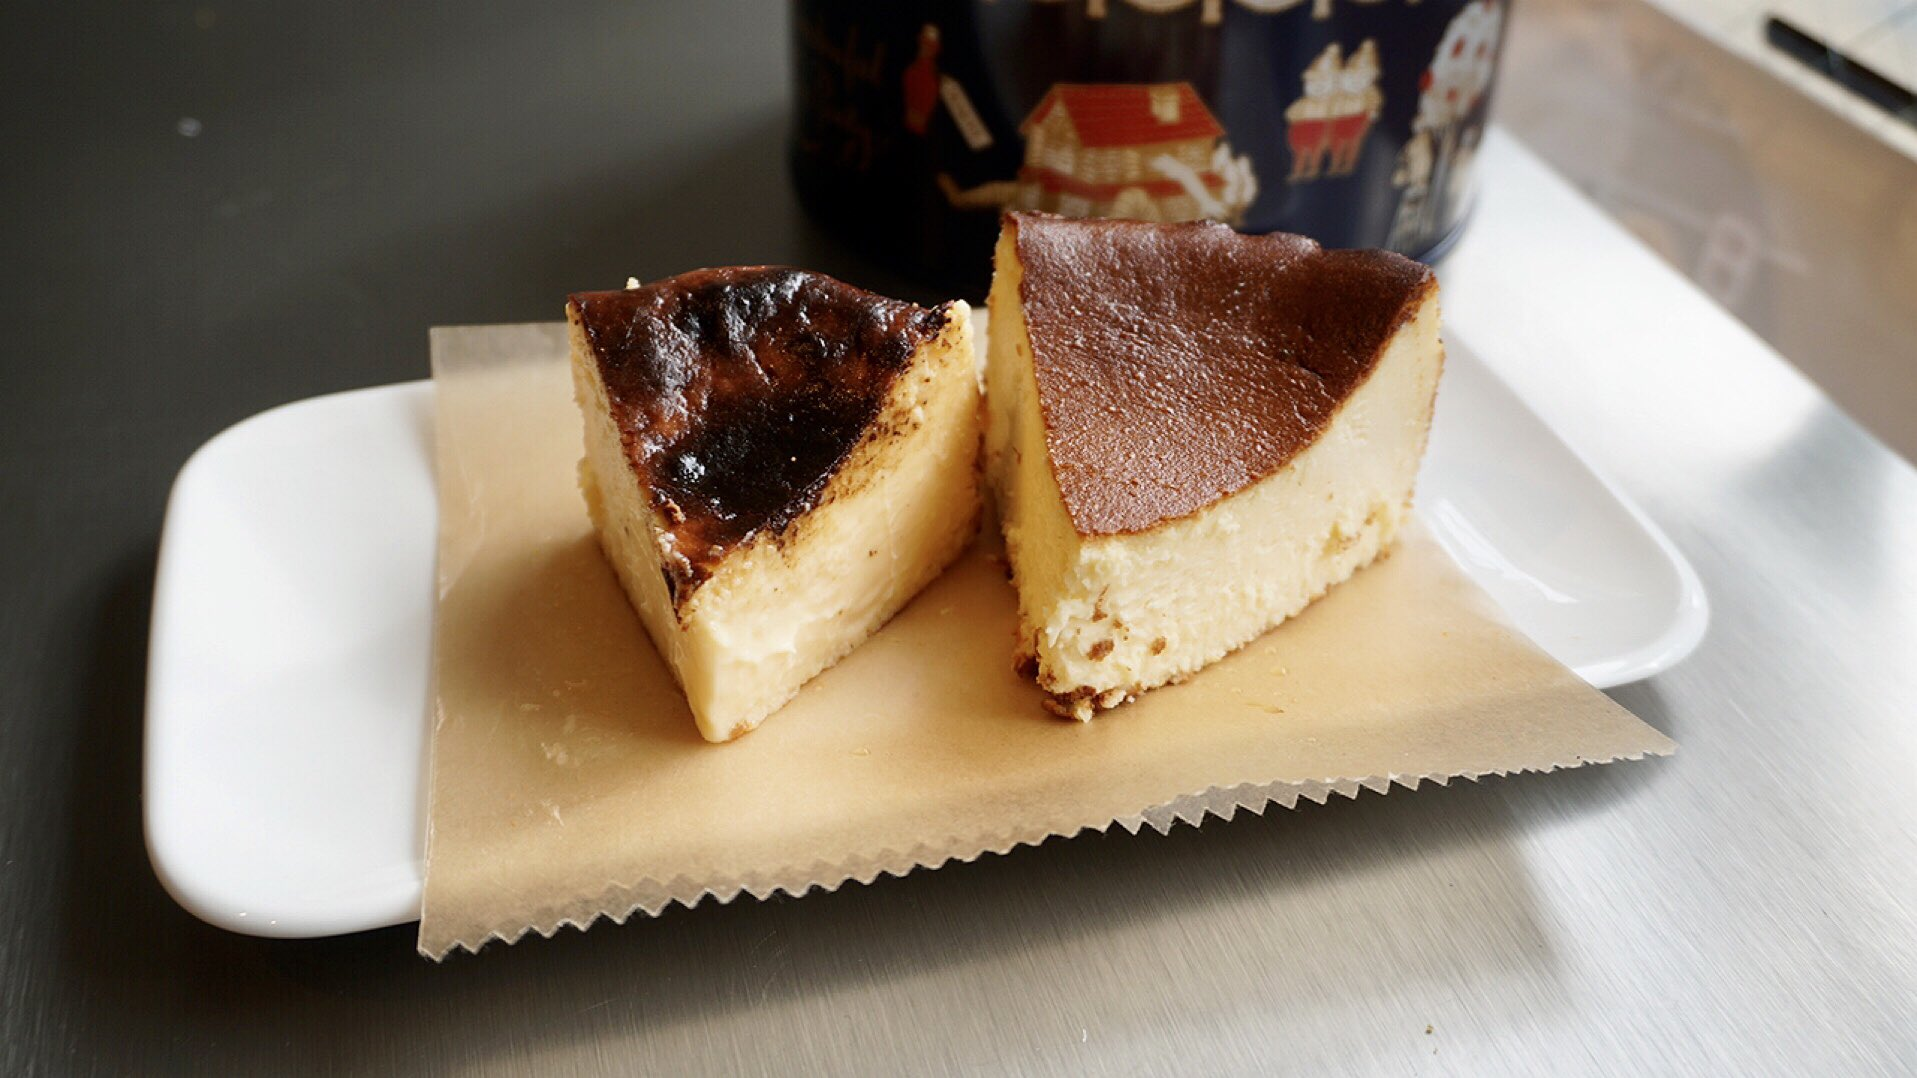 お取り寄せ(楽天) ワンダーランド缶★ バスクチーズケーキ パサージュ1141 価格3,600円 (税込)